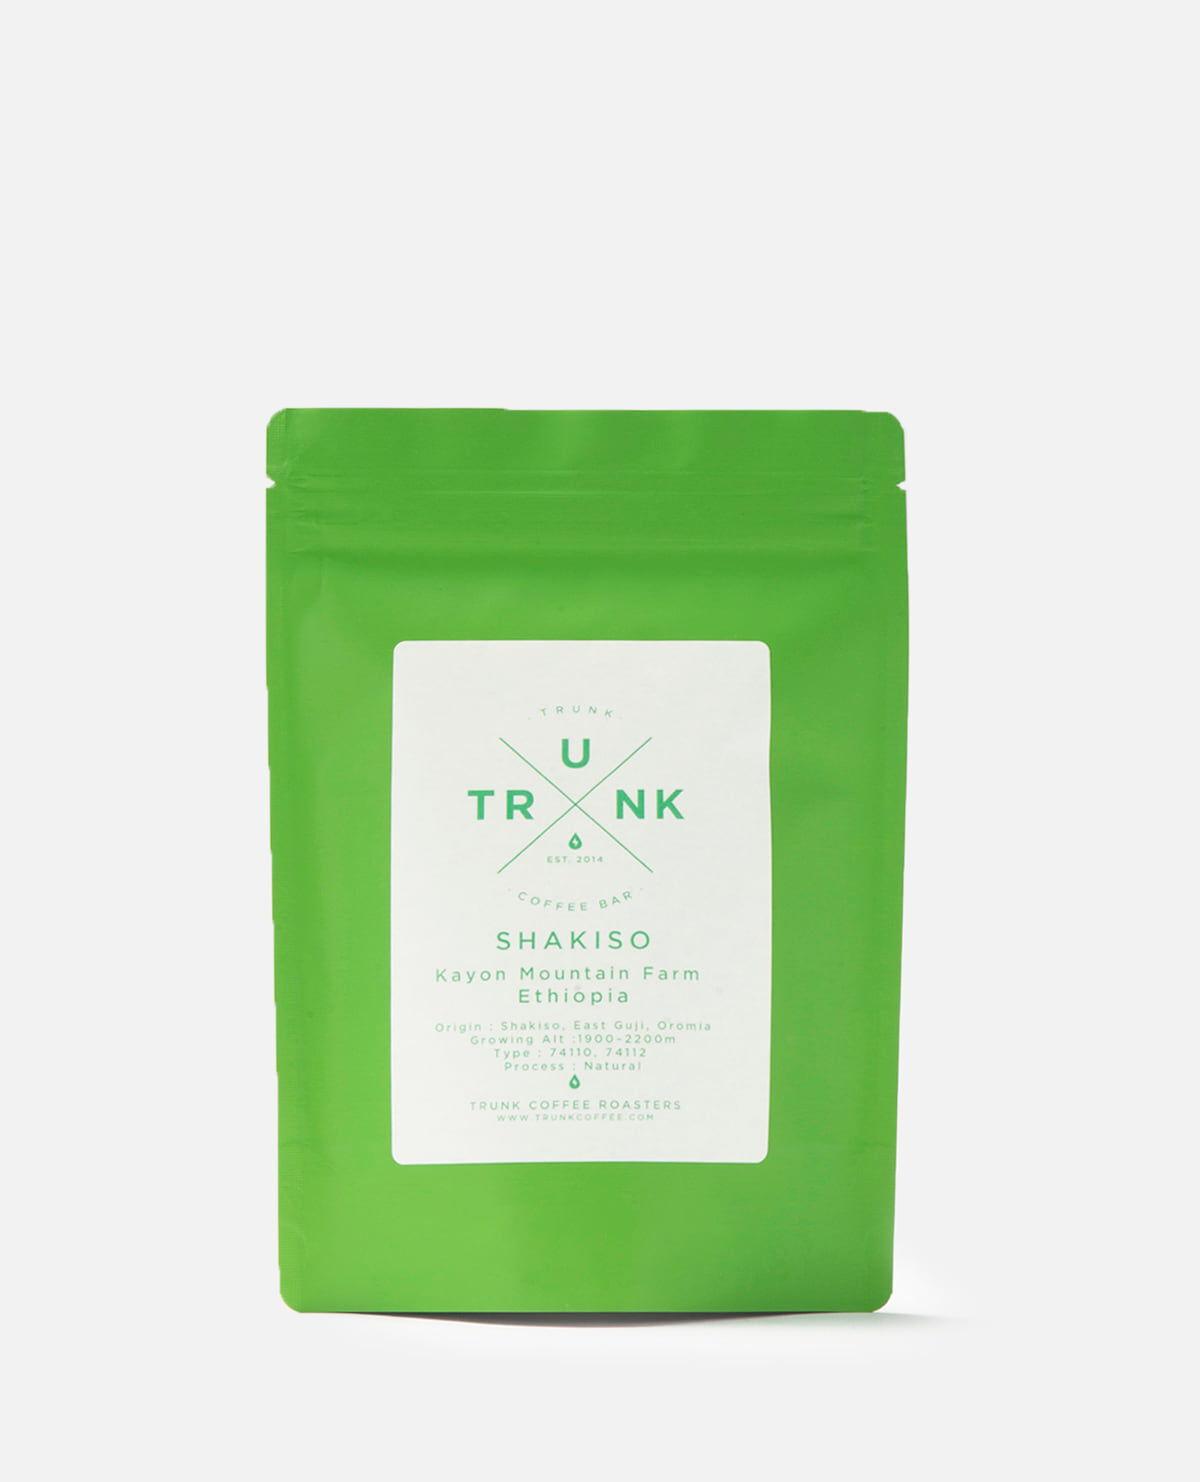 コーヒー豆・エチオピア ナチュラル精製 シャキソ 250g